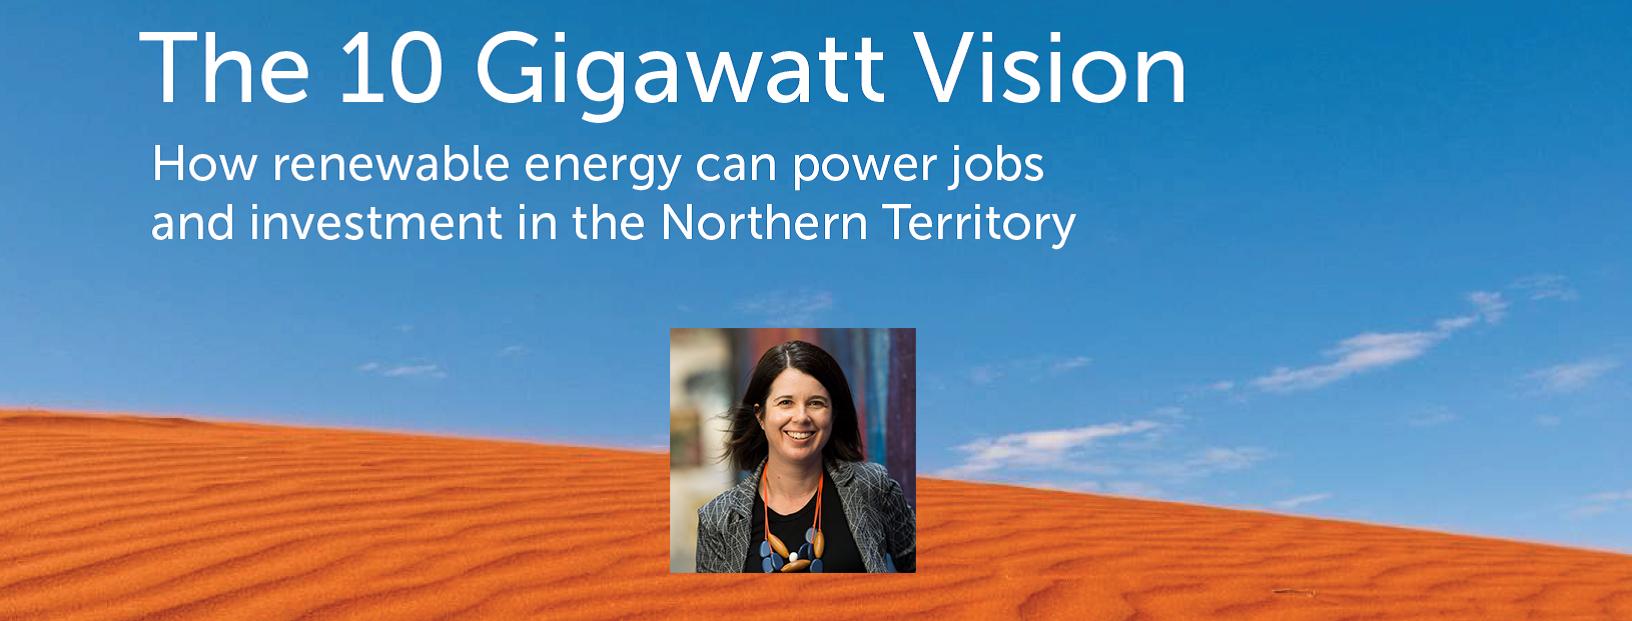 The 10 Gigawatt Vision for NT